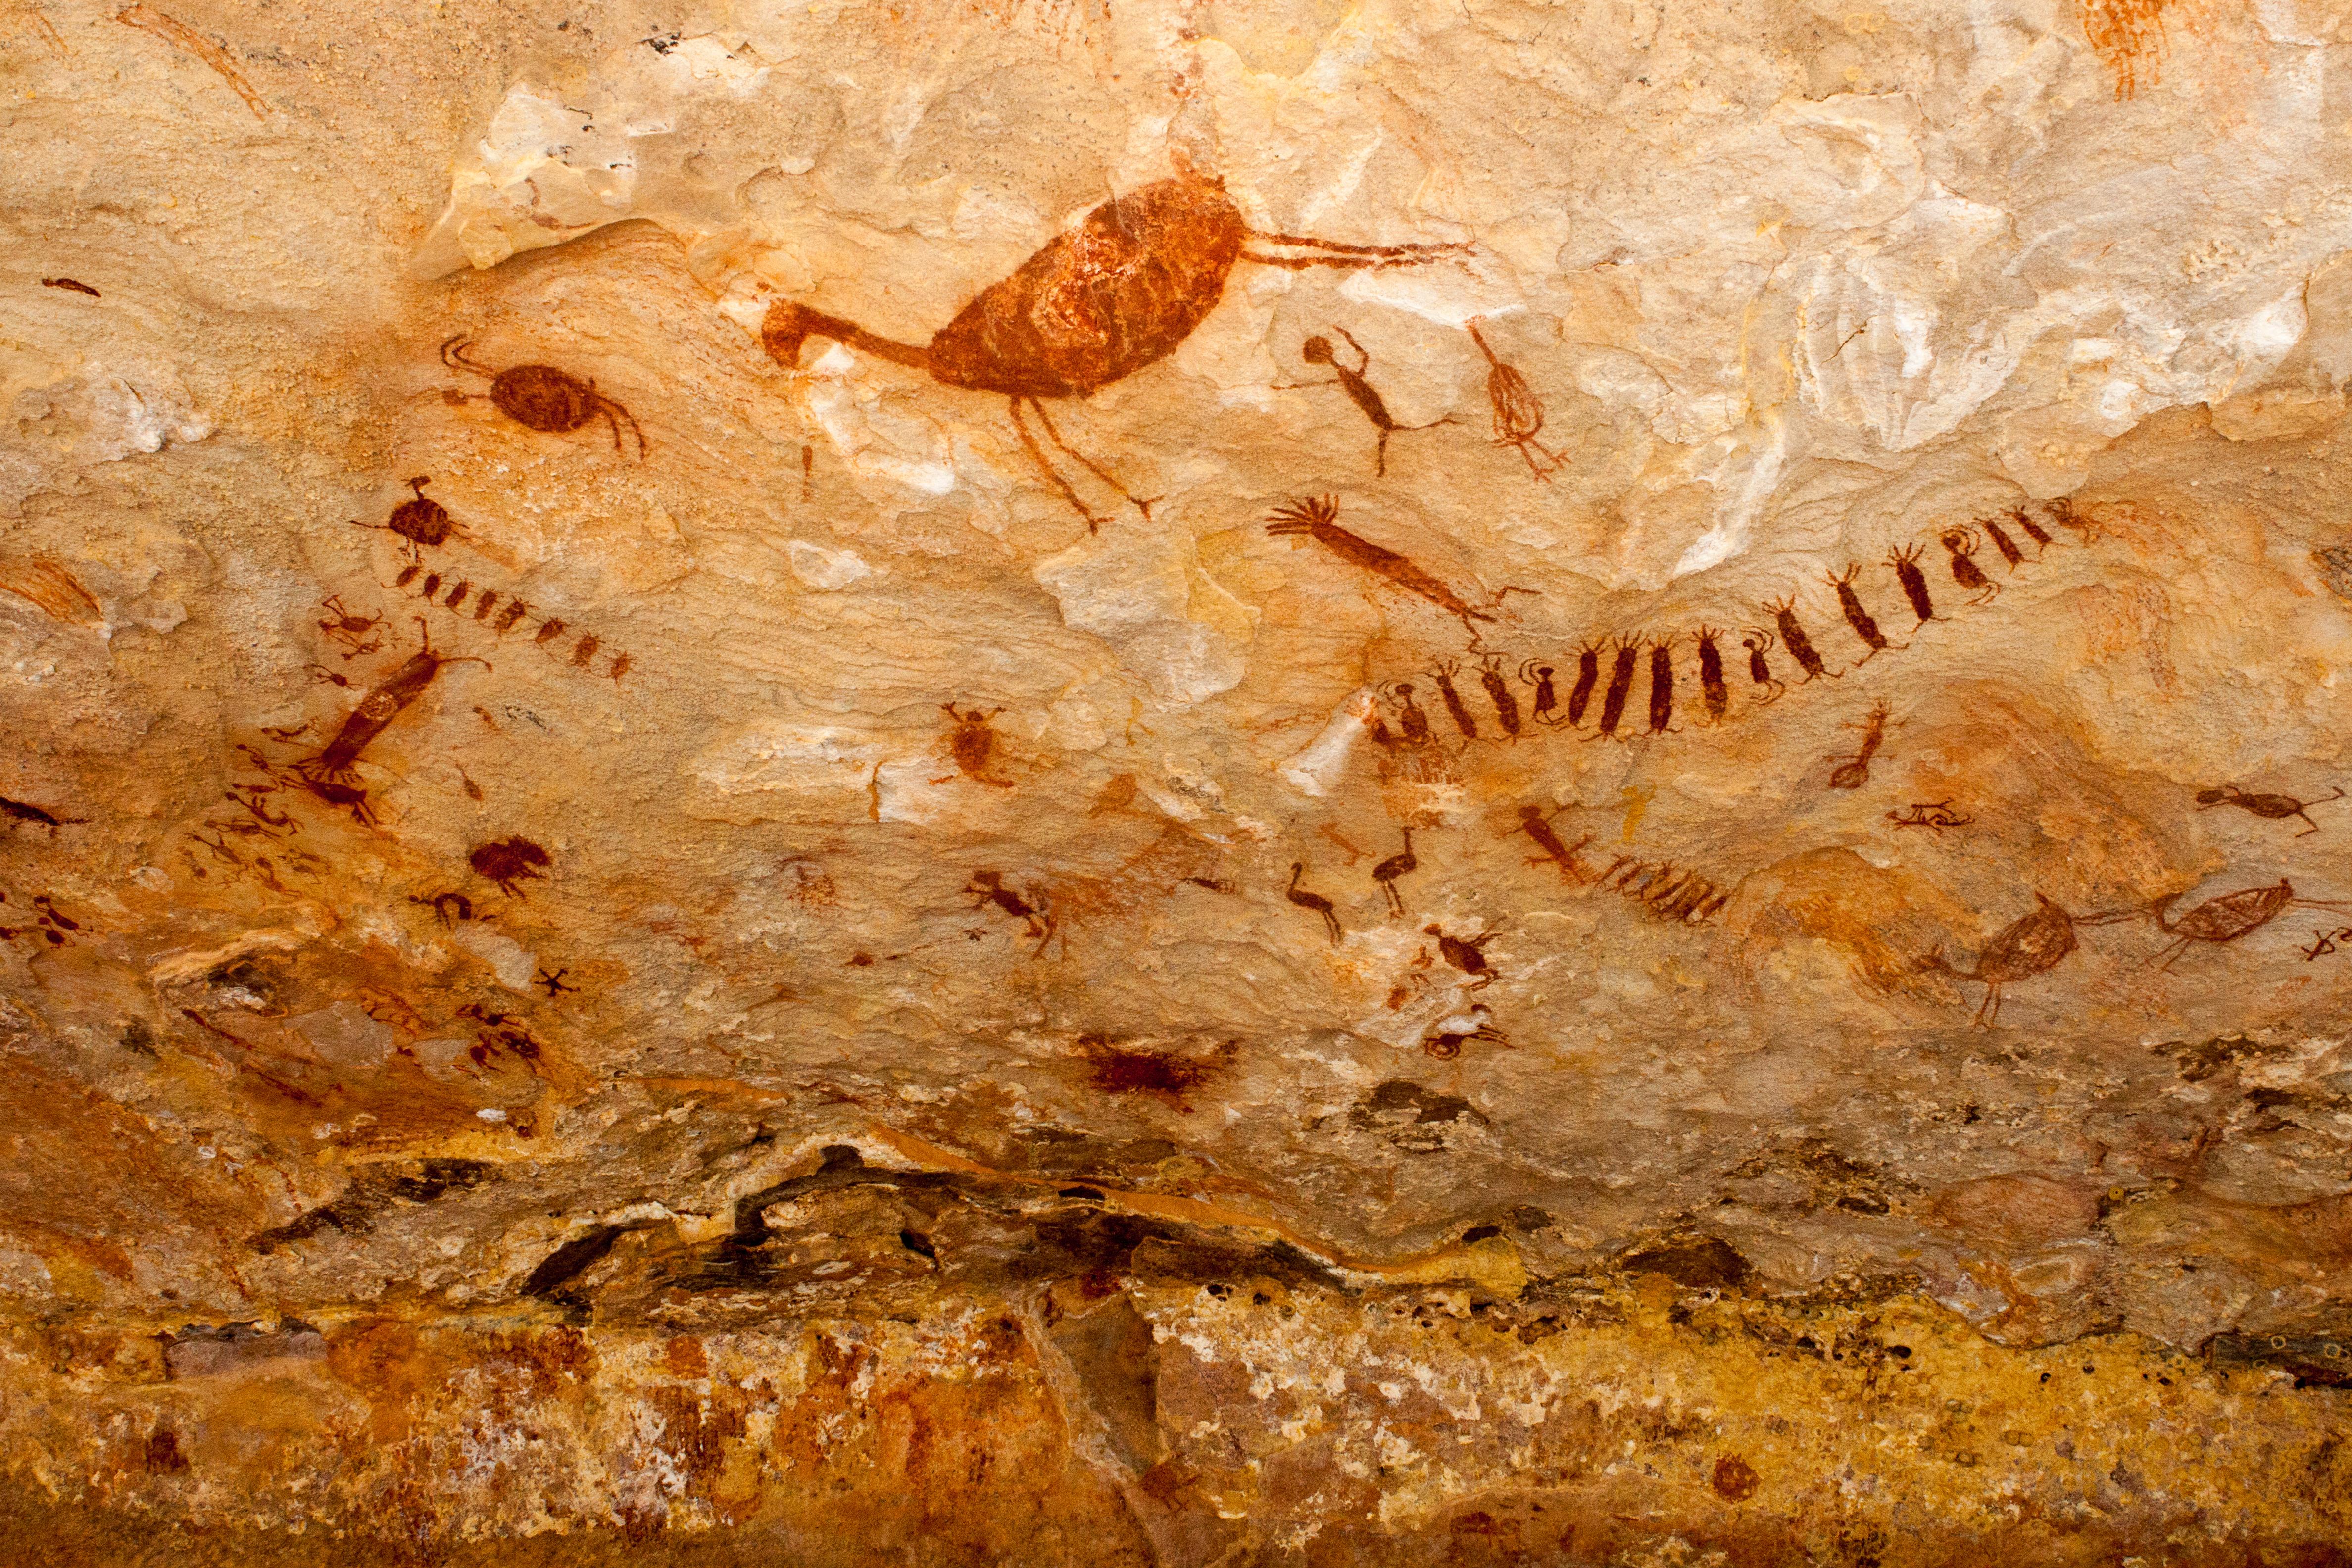 El fuego y la caza como elementos de las pinturas rupestres. | Fuente: Wikipedia.com.